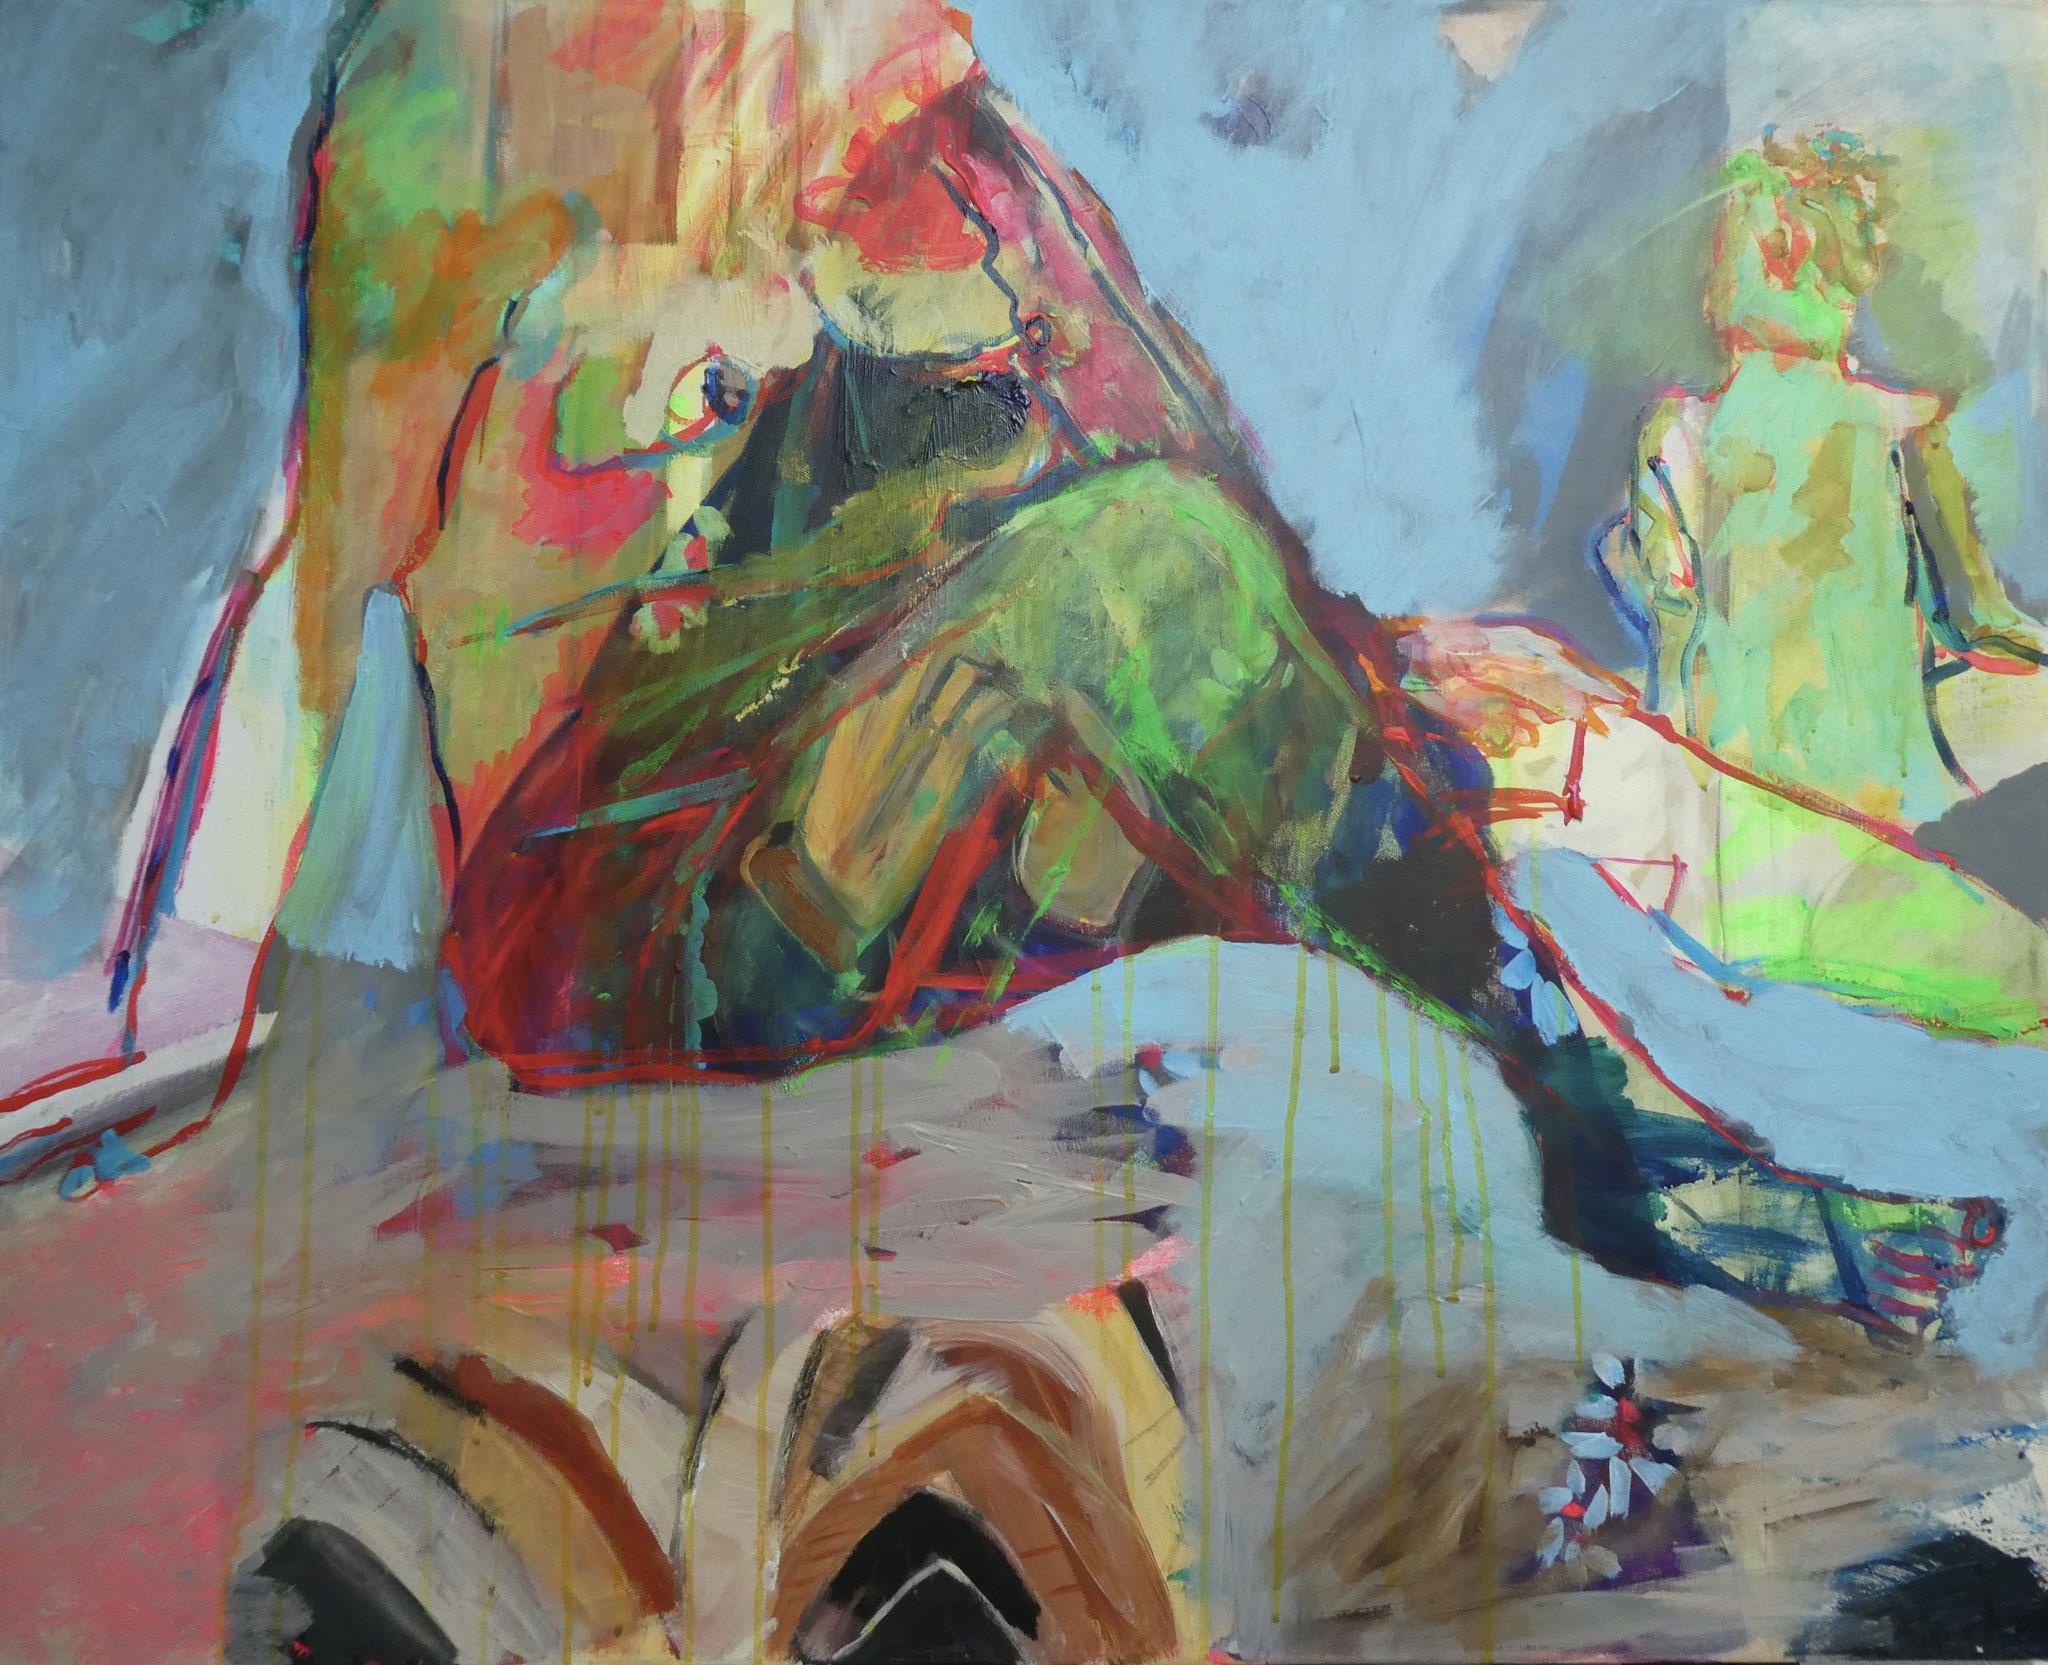 Akt 2, 80x100, acrylic on canvas